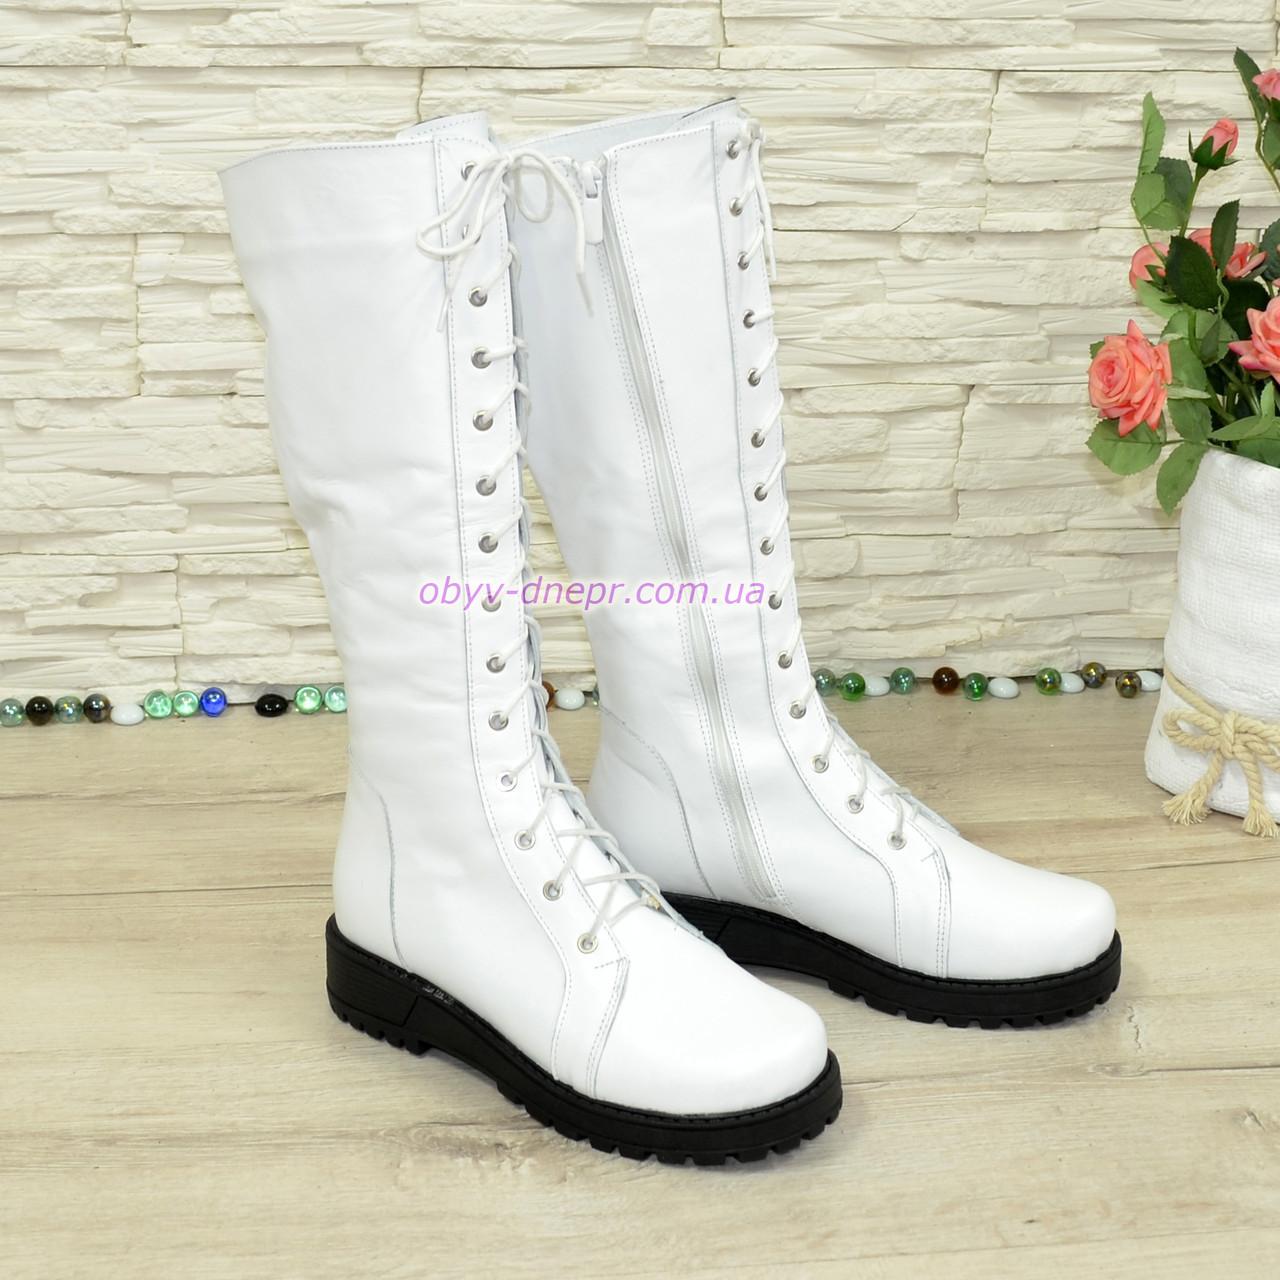 Стильні зимові чоботи на шнурівці, натуральна біла шкіра